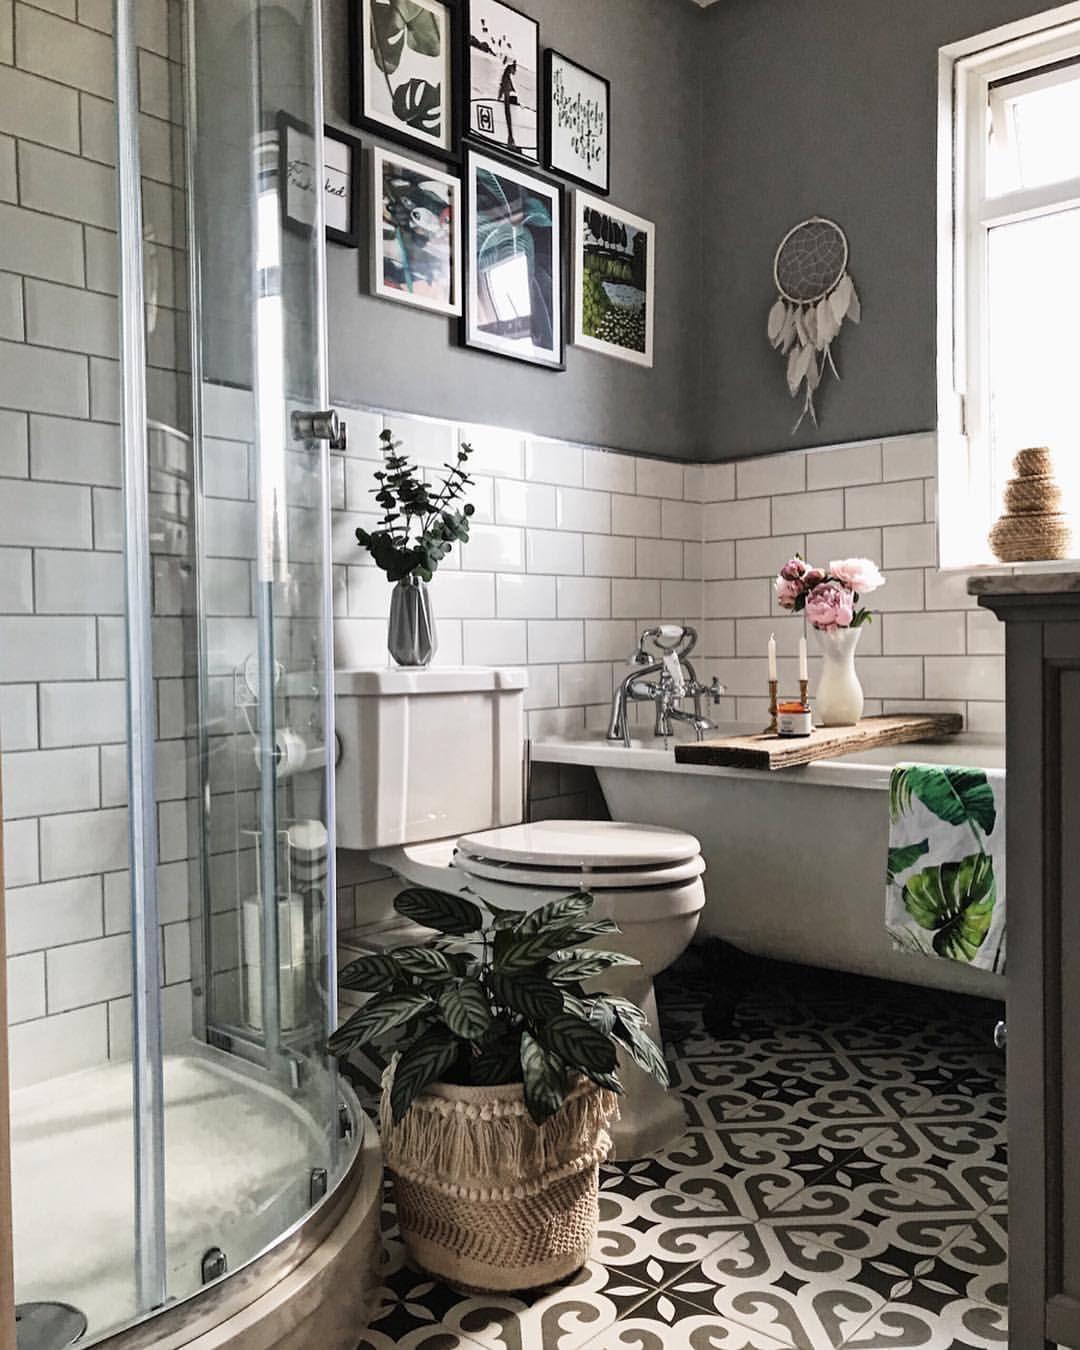 bathroom floor tiles ideas bathroom tiles are an easy on floor and decor id=73918